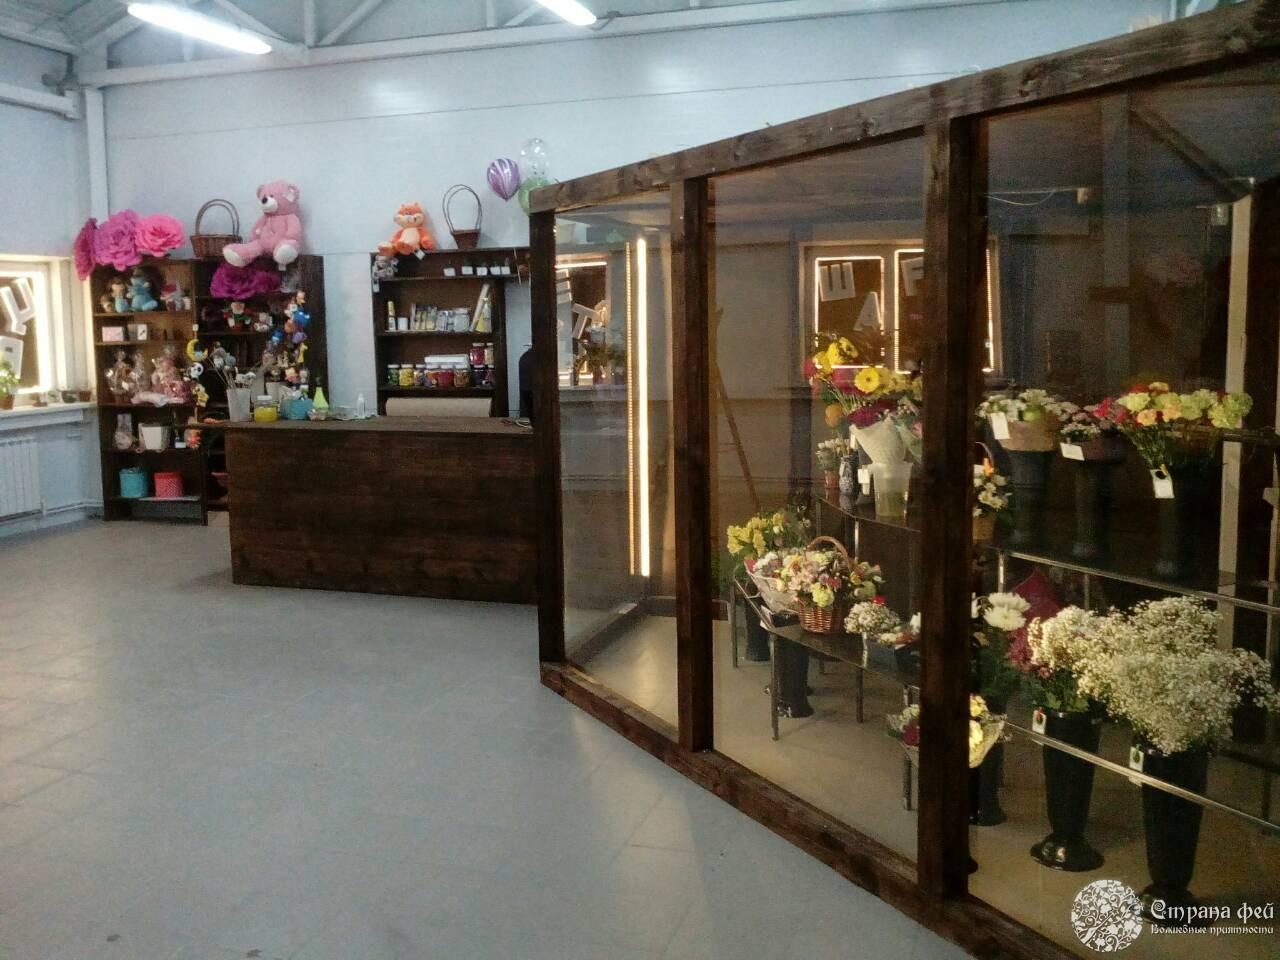 Магазин цветов и подарков Страна фей